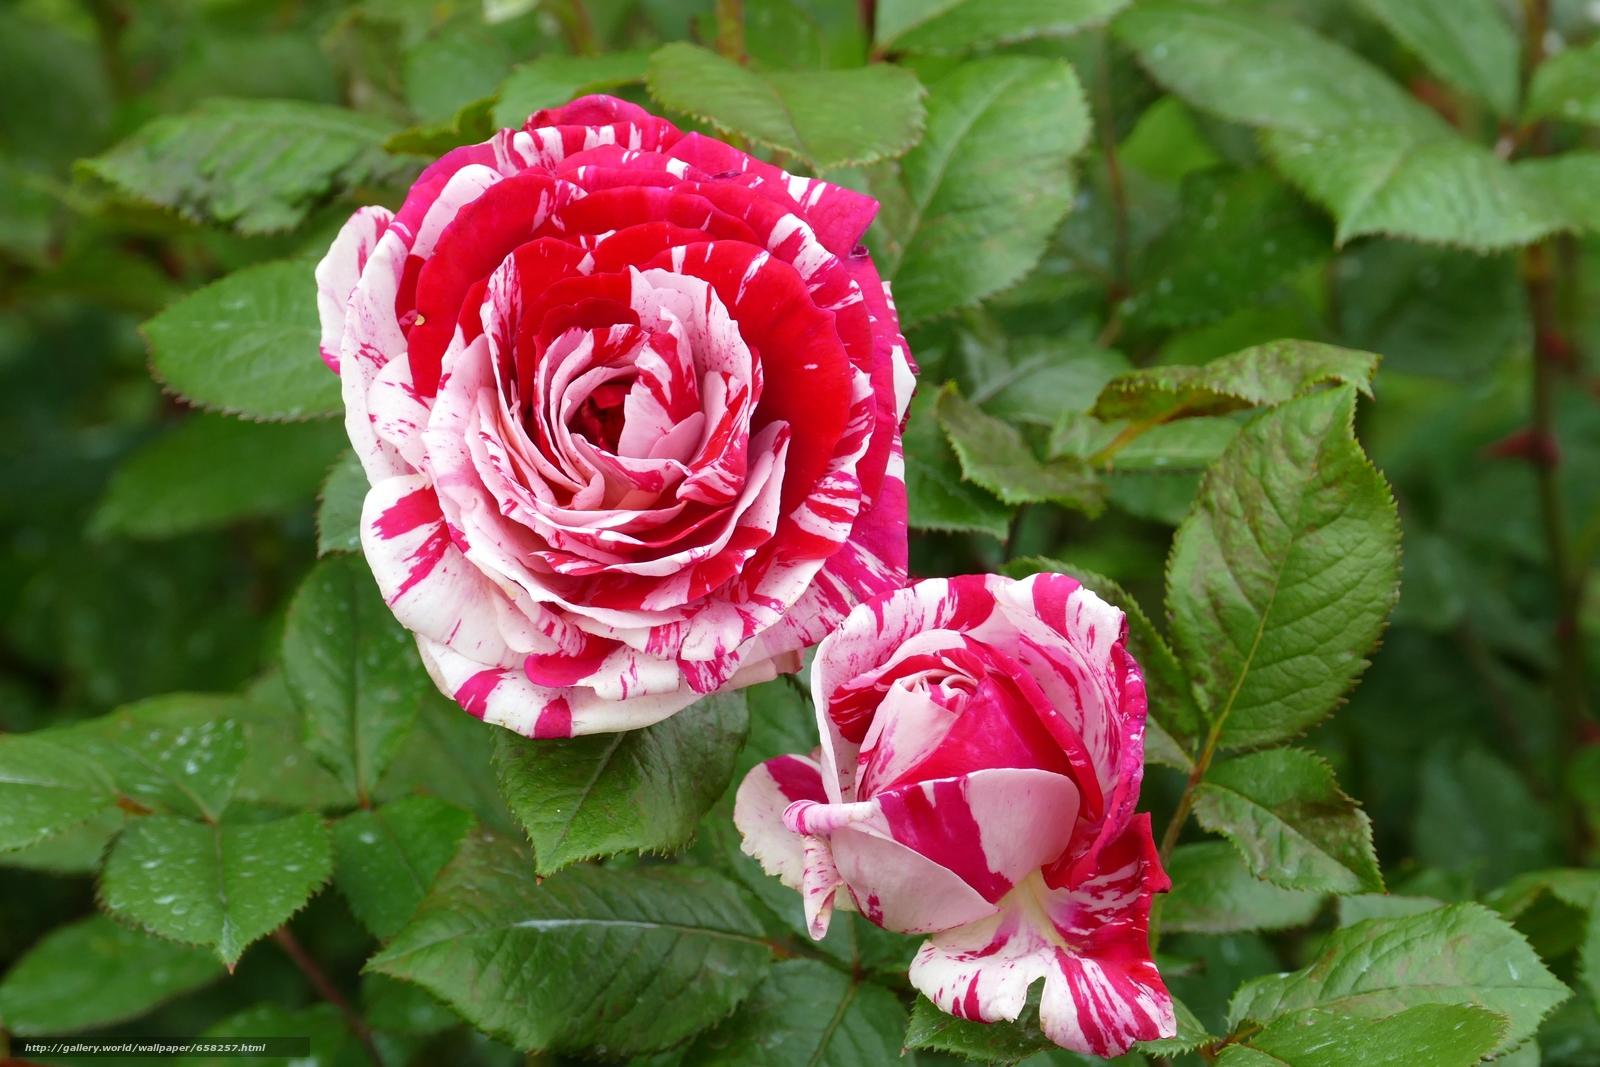 Скачать обои роза,  розы,  цветы,  флора бесплатно для рабочего стола в разрешении 5472x3648 — картинка №658257